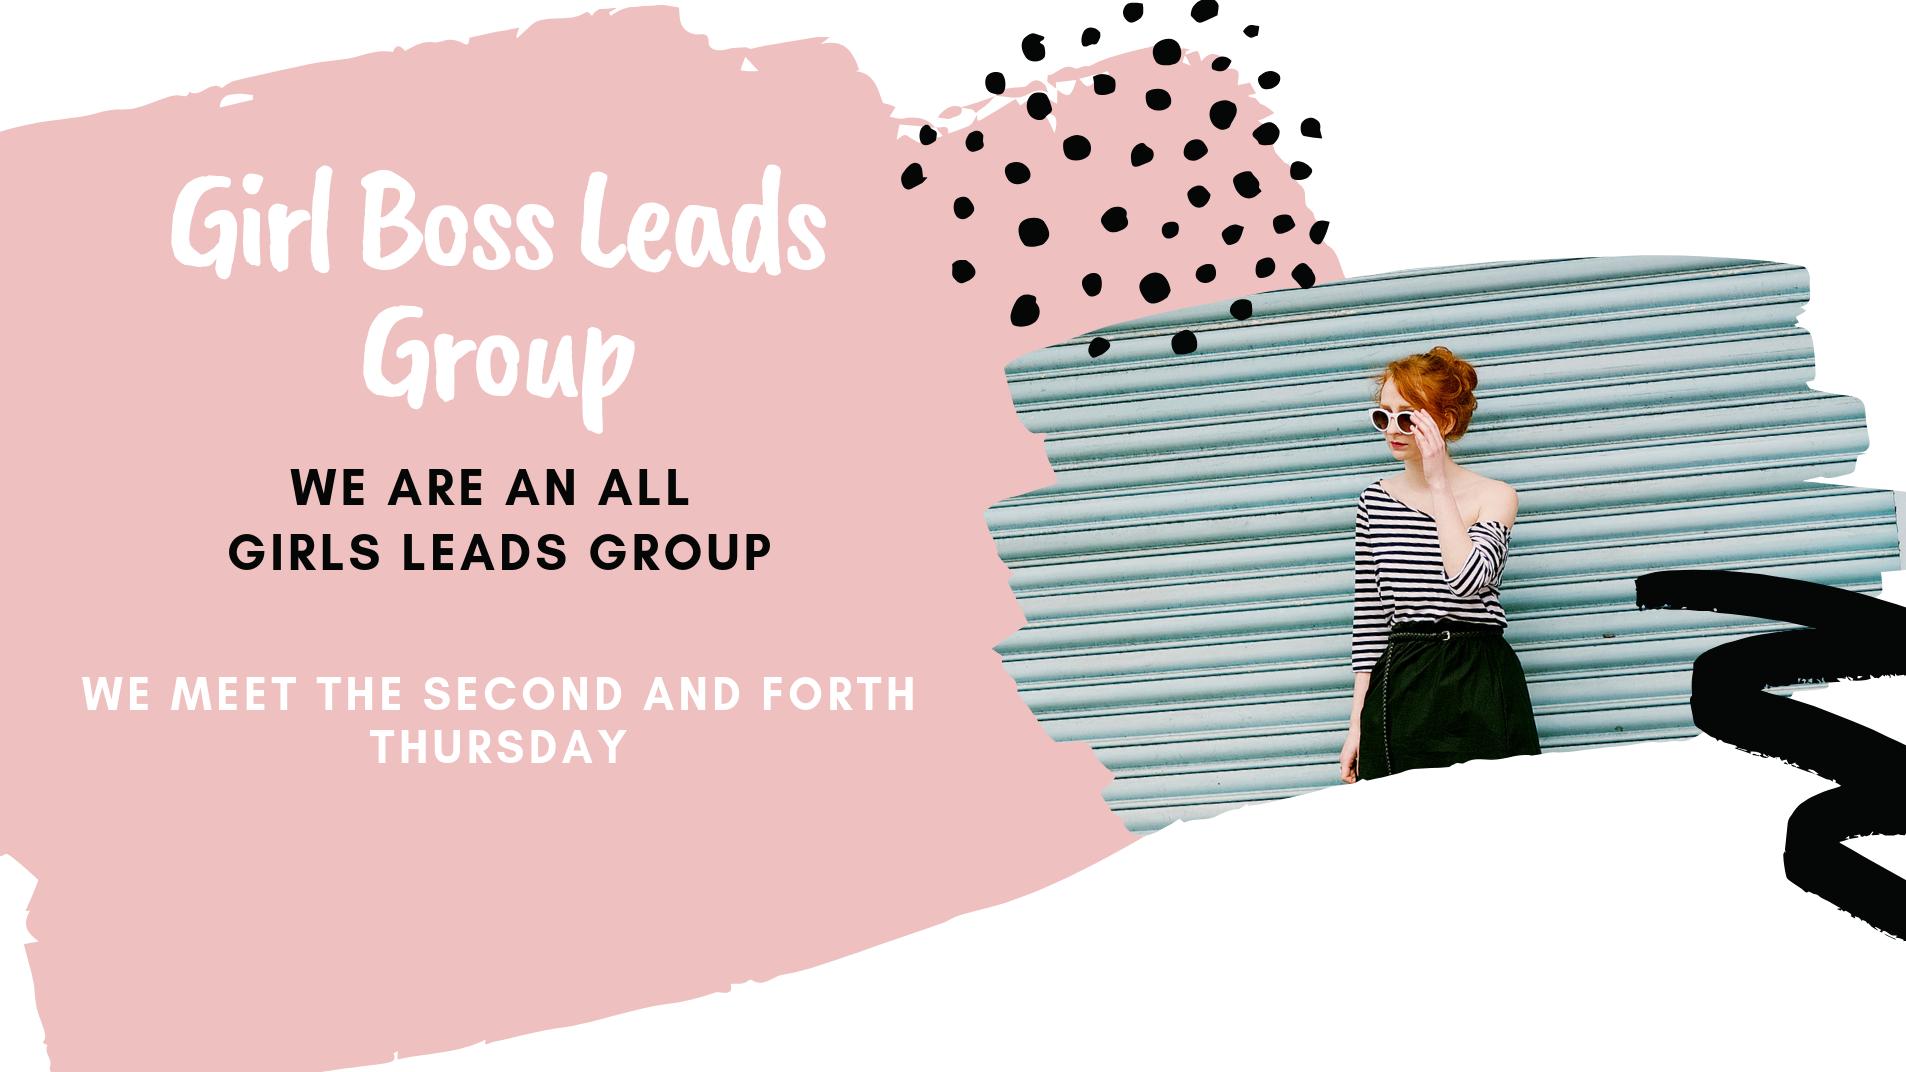 Girl Boss Leads Group